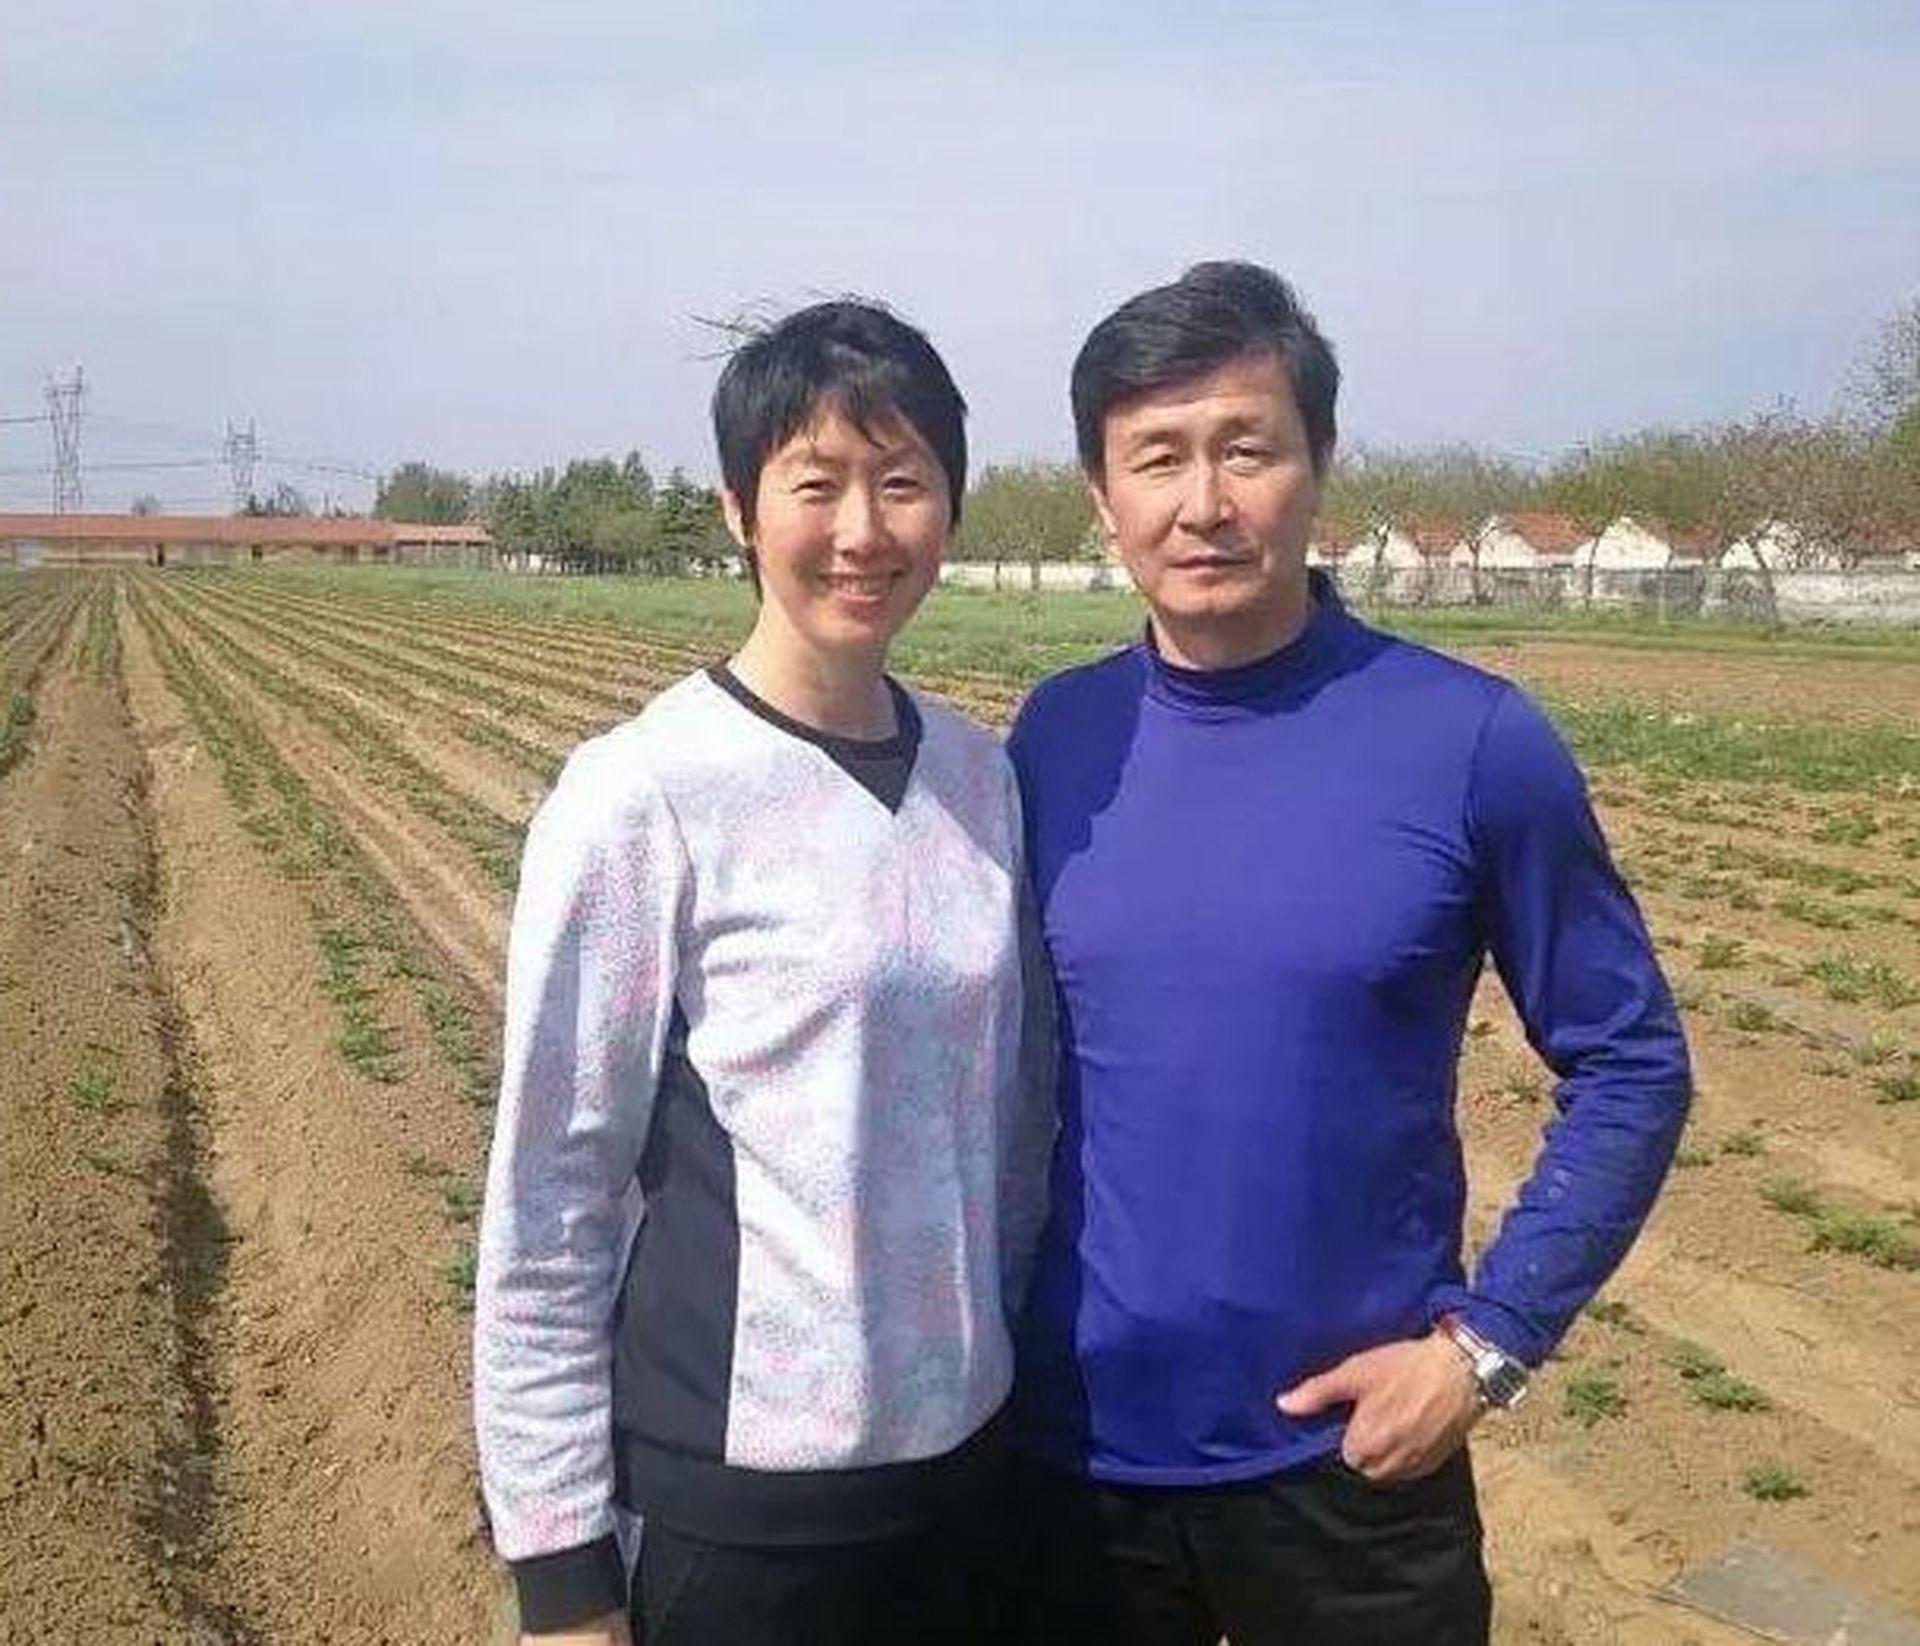 郝海东与叶钊颖在农场合影。(微信@福润泽郝海东专属农场)